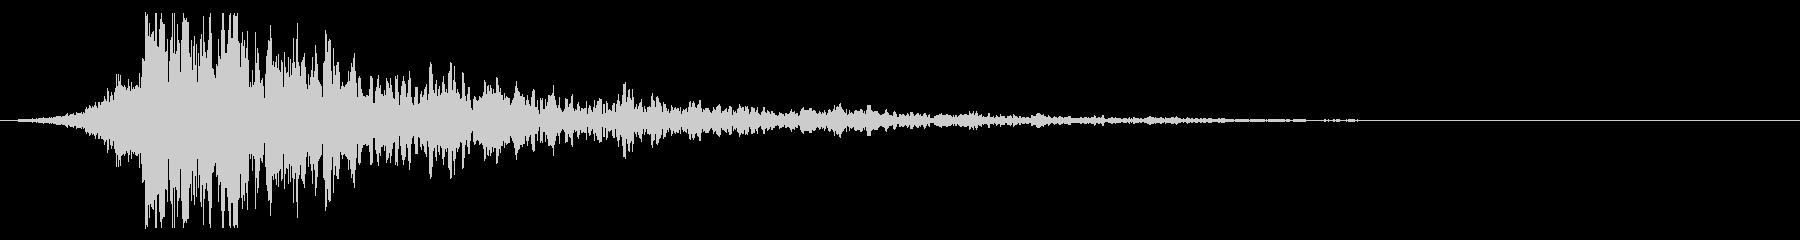 シュードーン-58-2(インパクト音)の未再生の波形